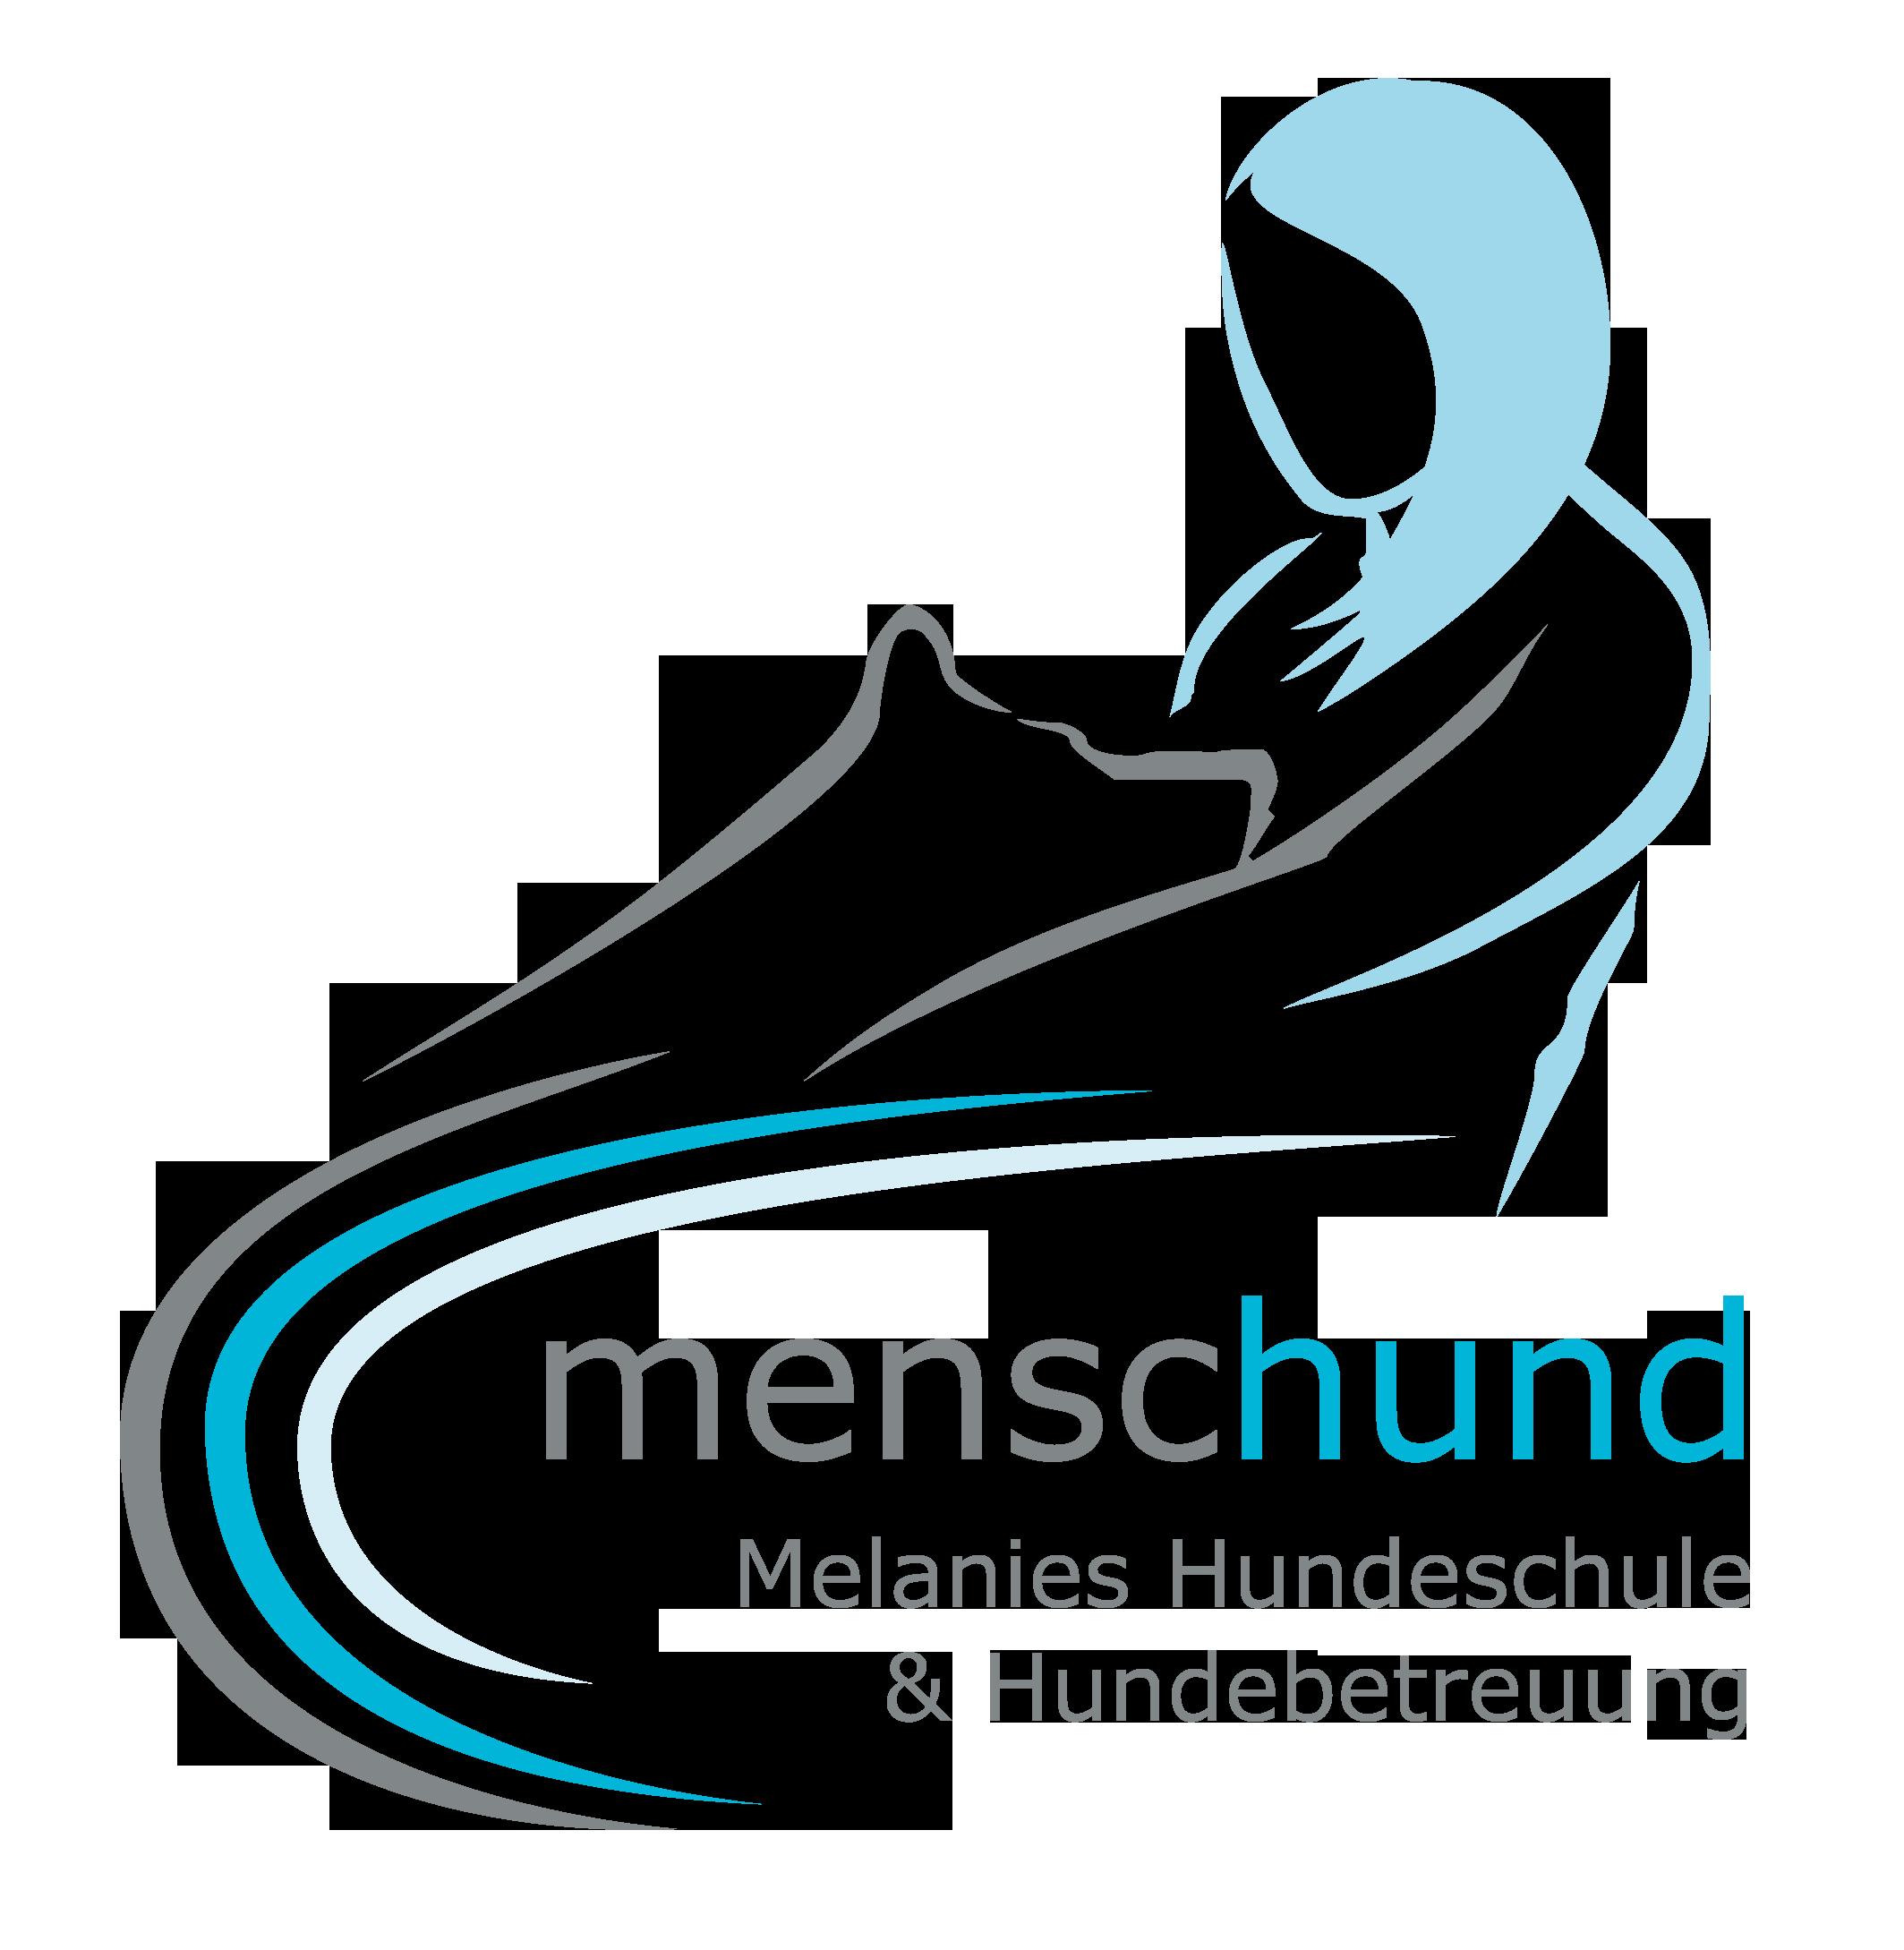 Menschund